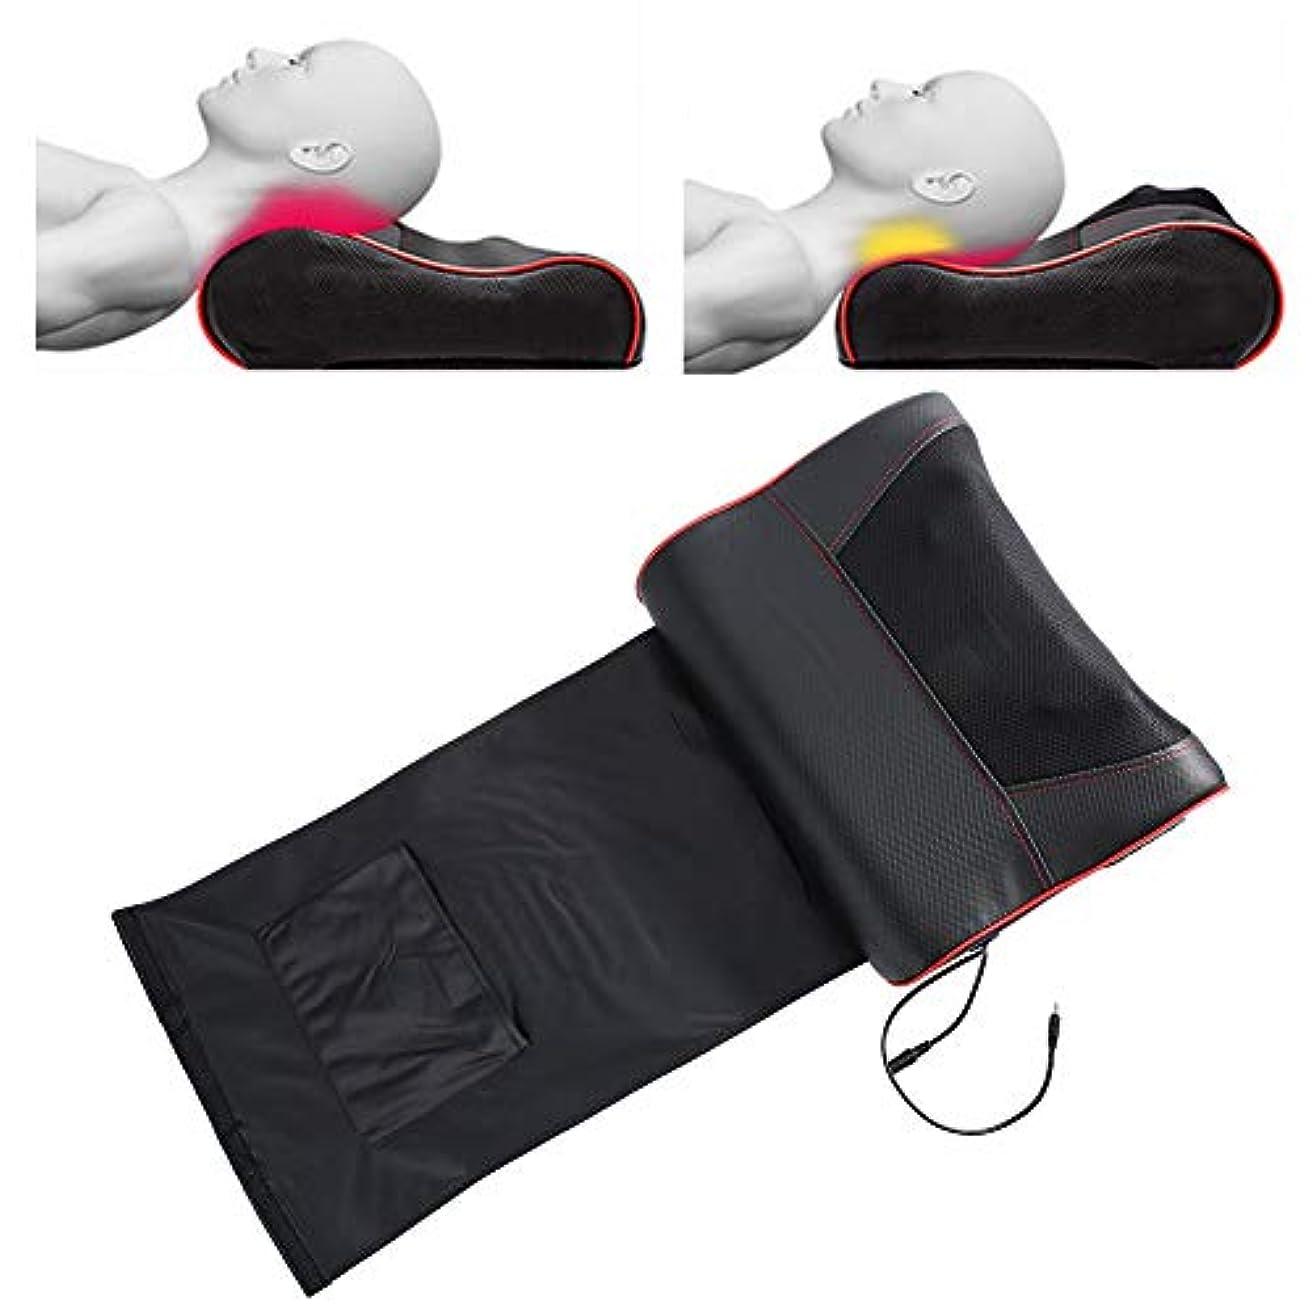 青ピンポイント円形頸部マッサージ枕、多機能マッサージ枕、灸ホットコンプレックスネックウエストショルダーマッサージ用全身筋肉痛(US-Plug)